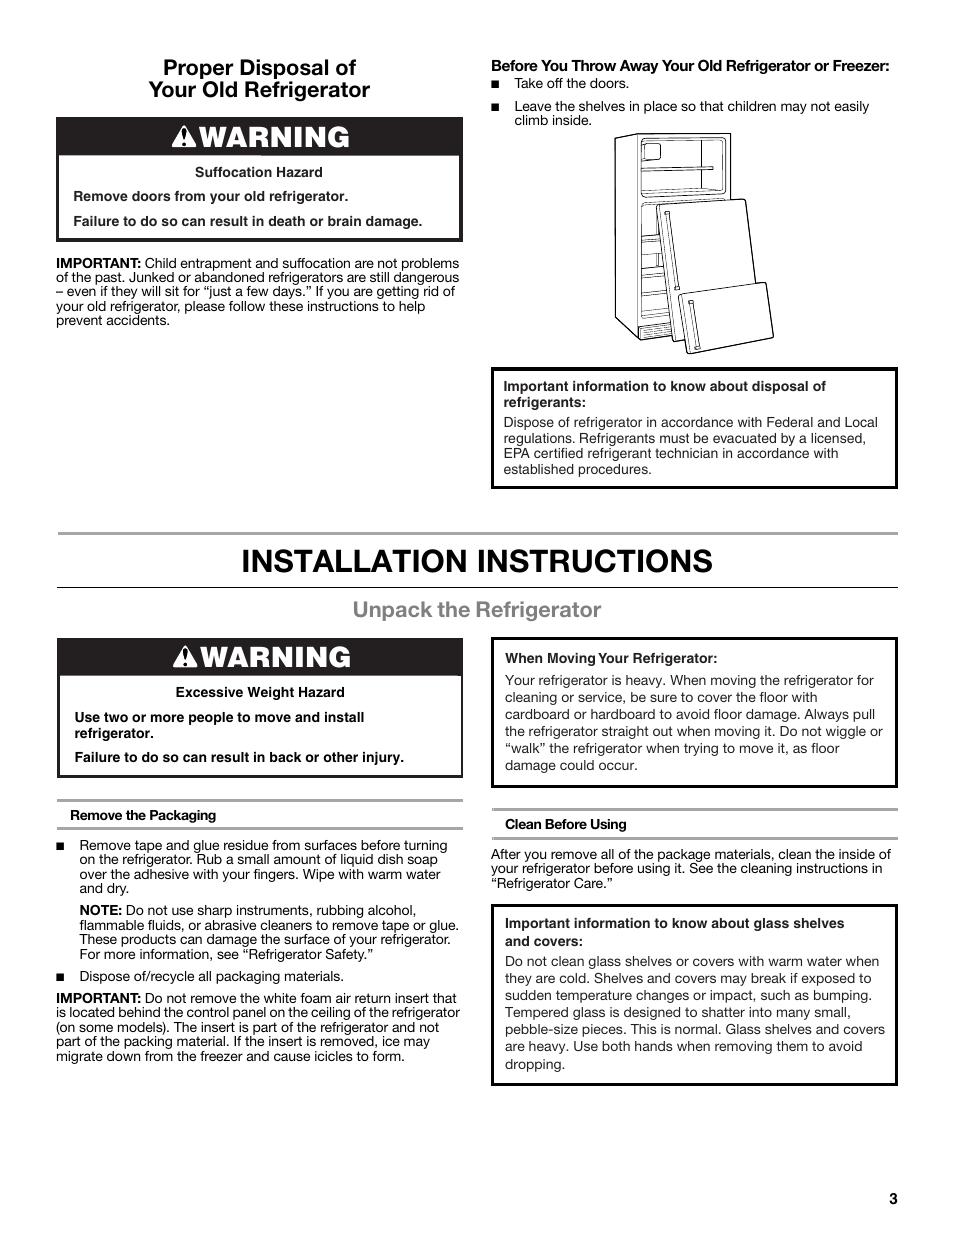 installation instructions warning unpack the refrigerator rh manualsdir com Whirlpool Refrigerator Side by Side whirlpool refrigerator installation instructions